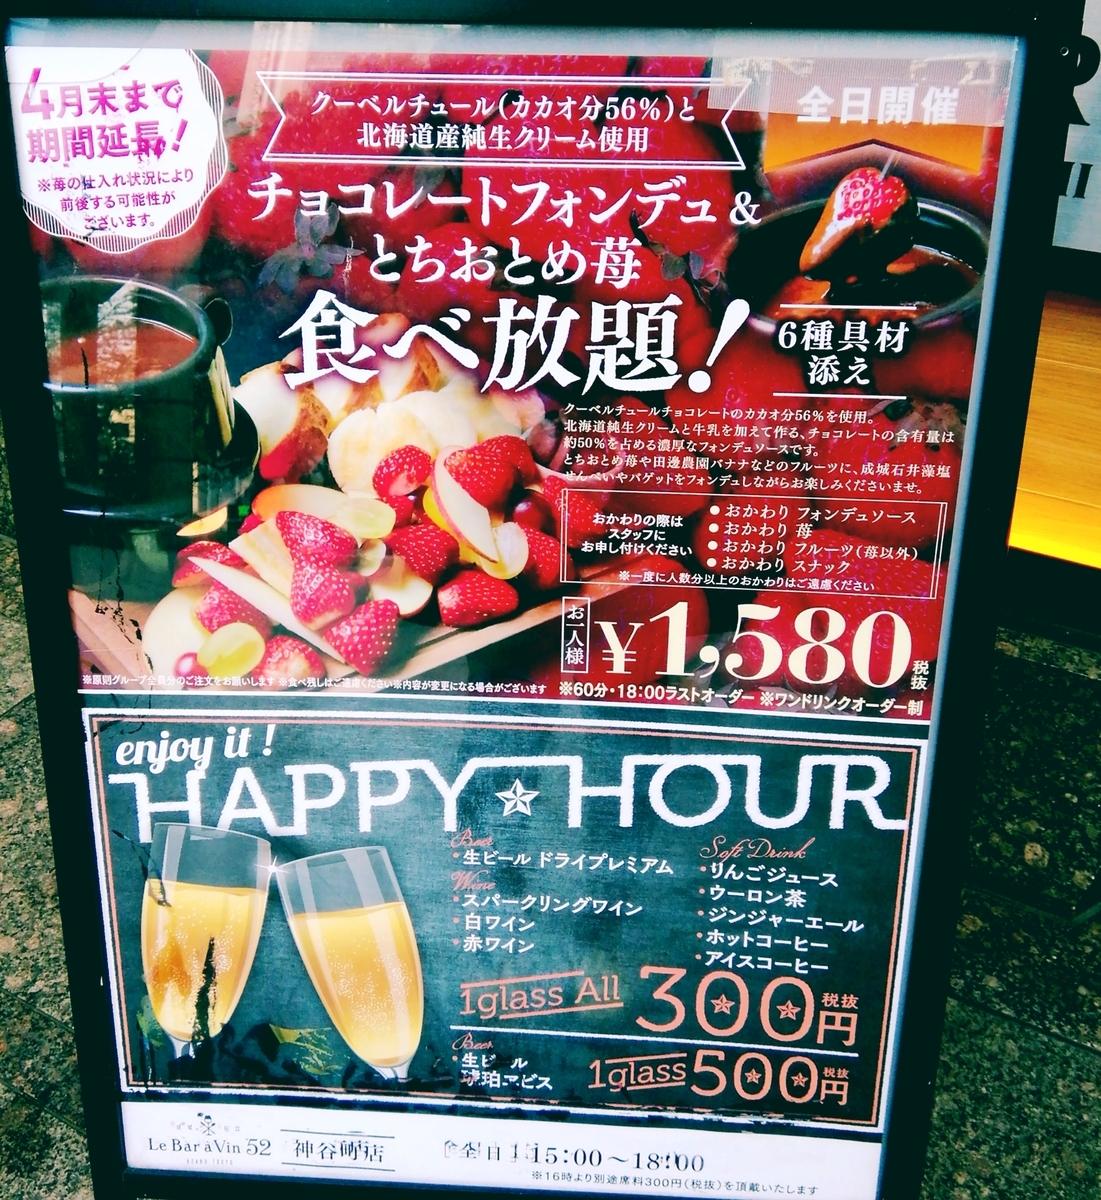 成城石井 いちご食べ放題 ハッピーアワー 神谷町